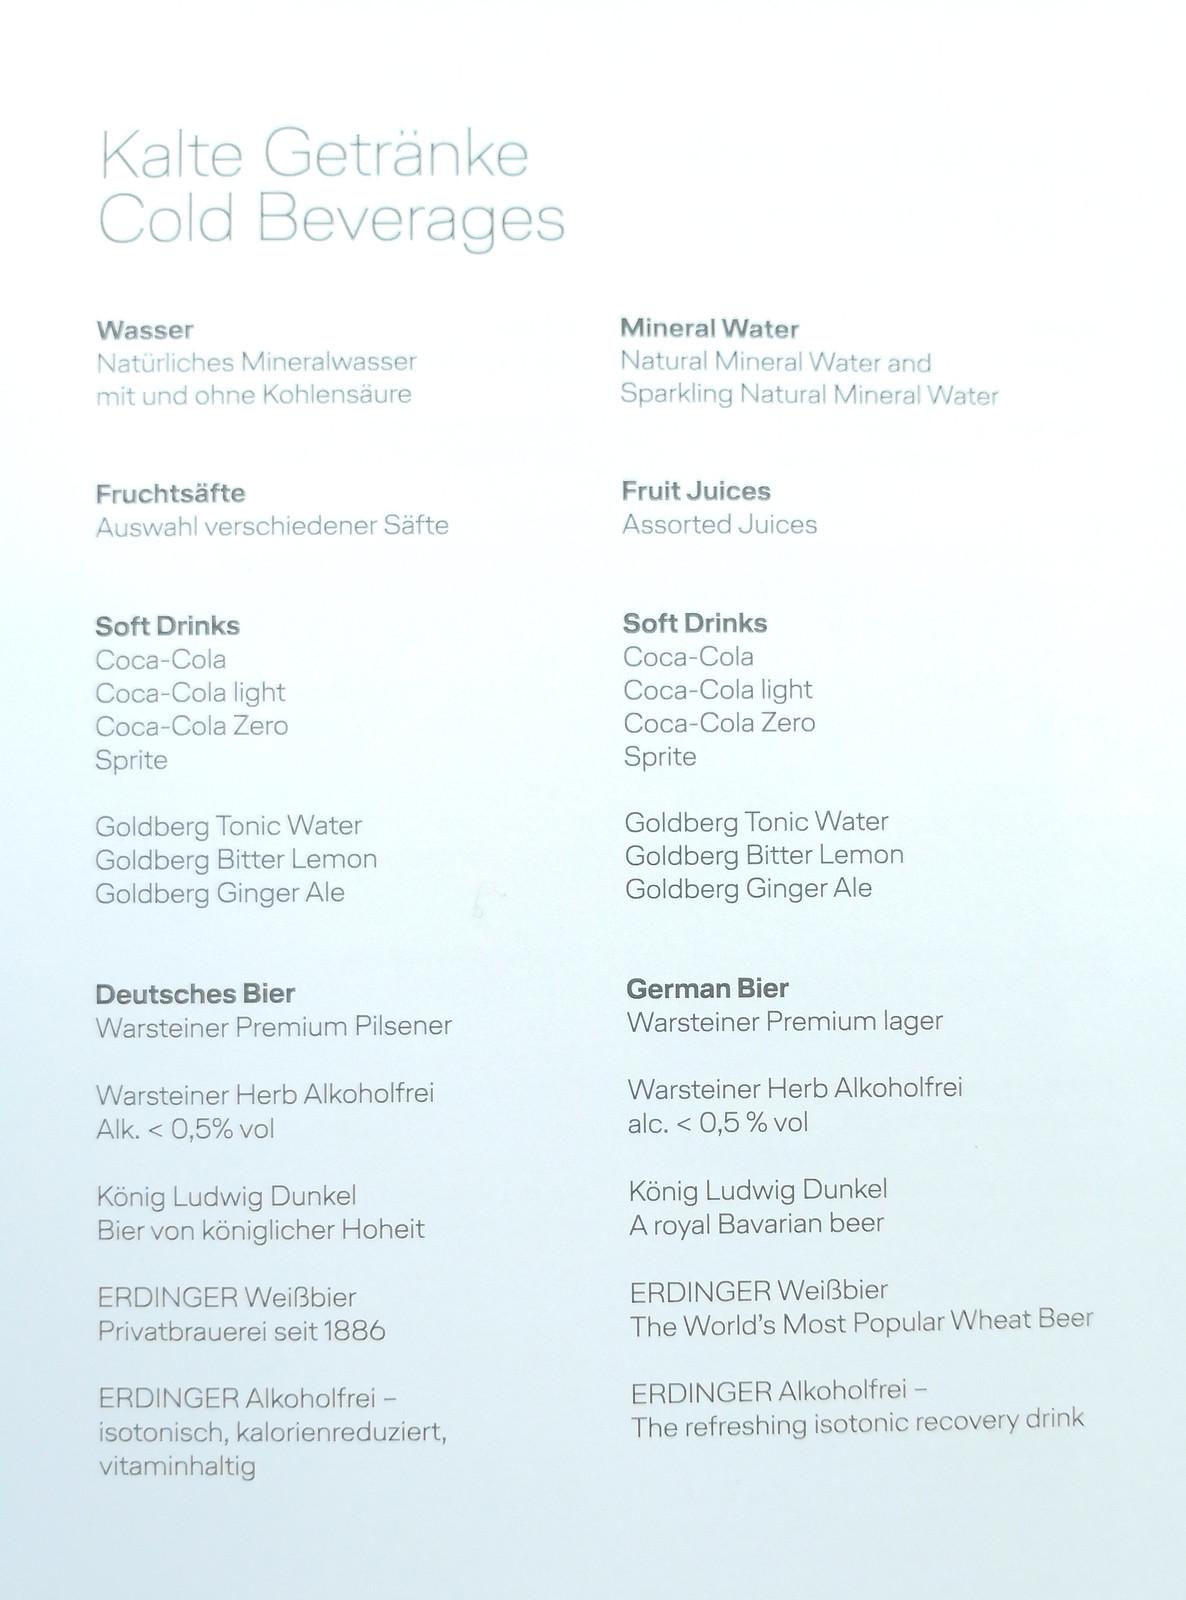 Cold beverages